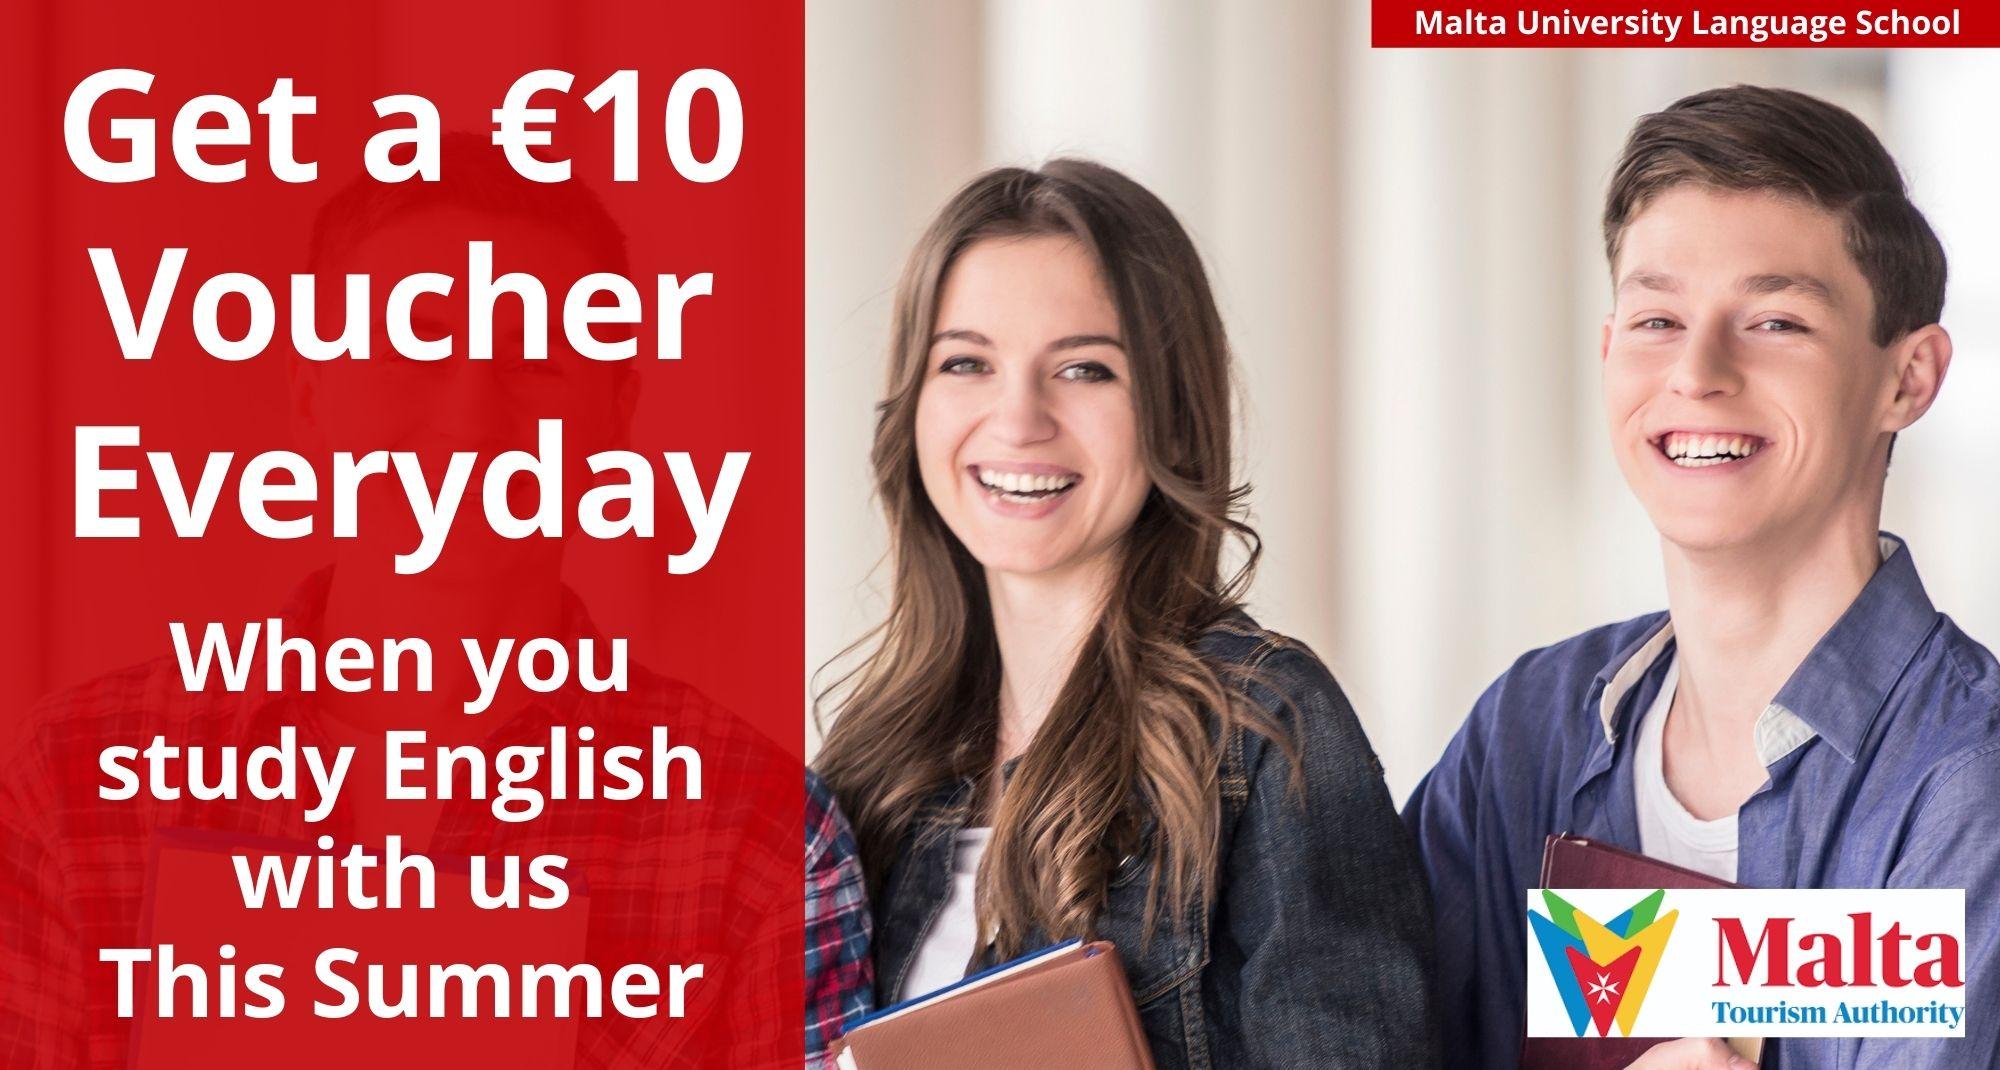 €10 voucher offer summer 2021